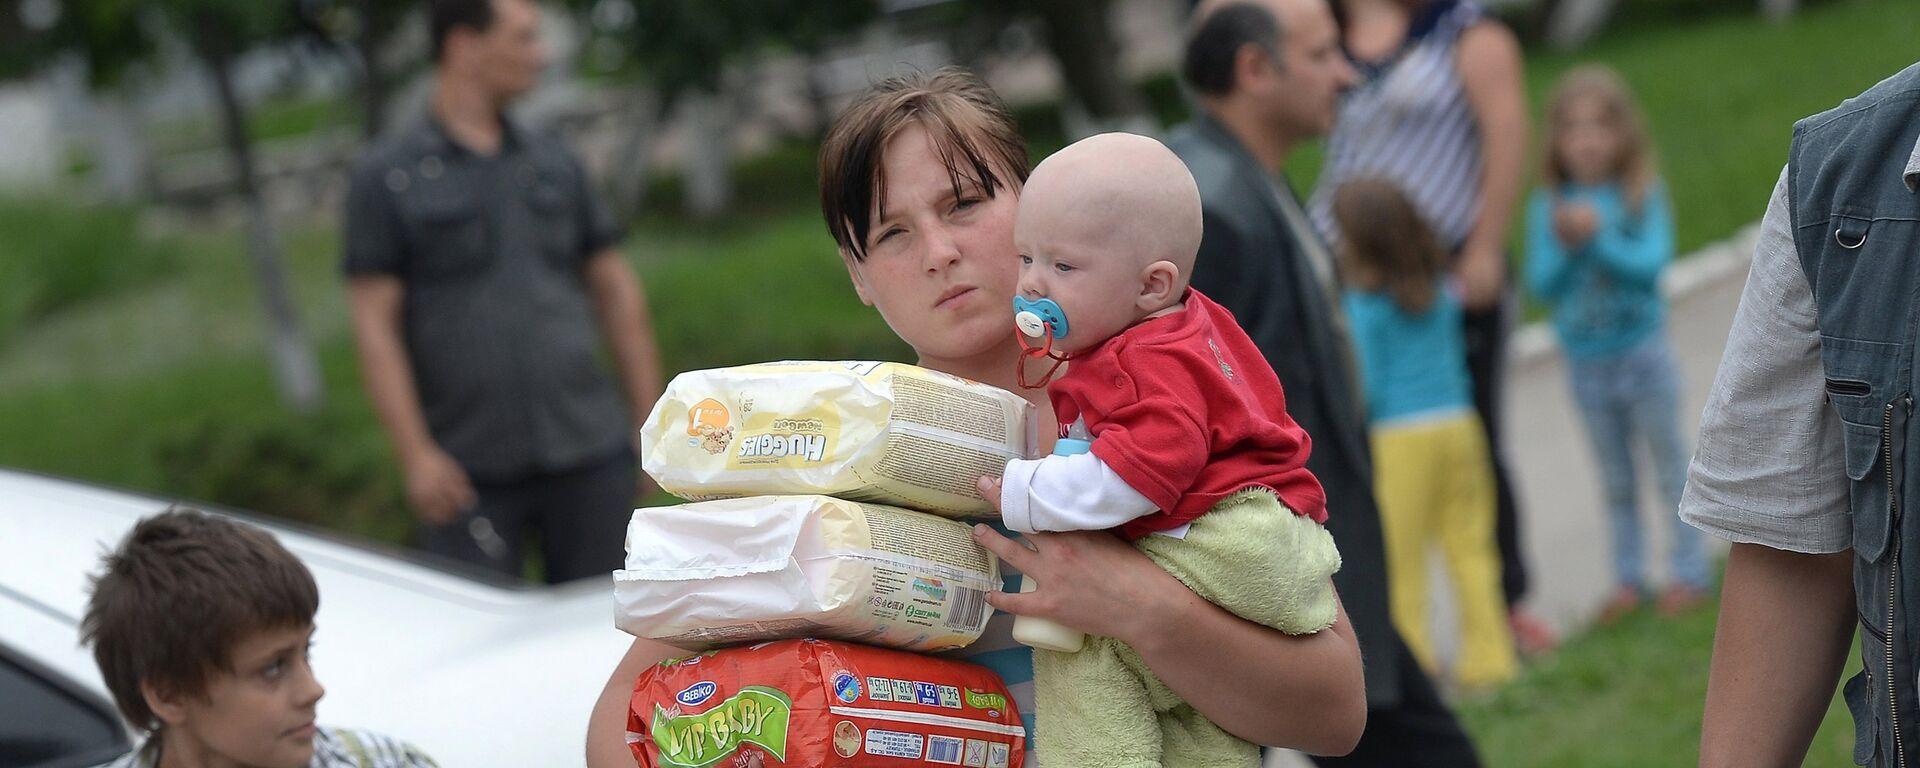 Молодая мать с младенцем и подгузниками - Sputnik Латвия, 1920, 02.06.2021